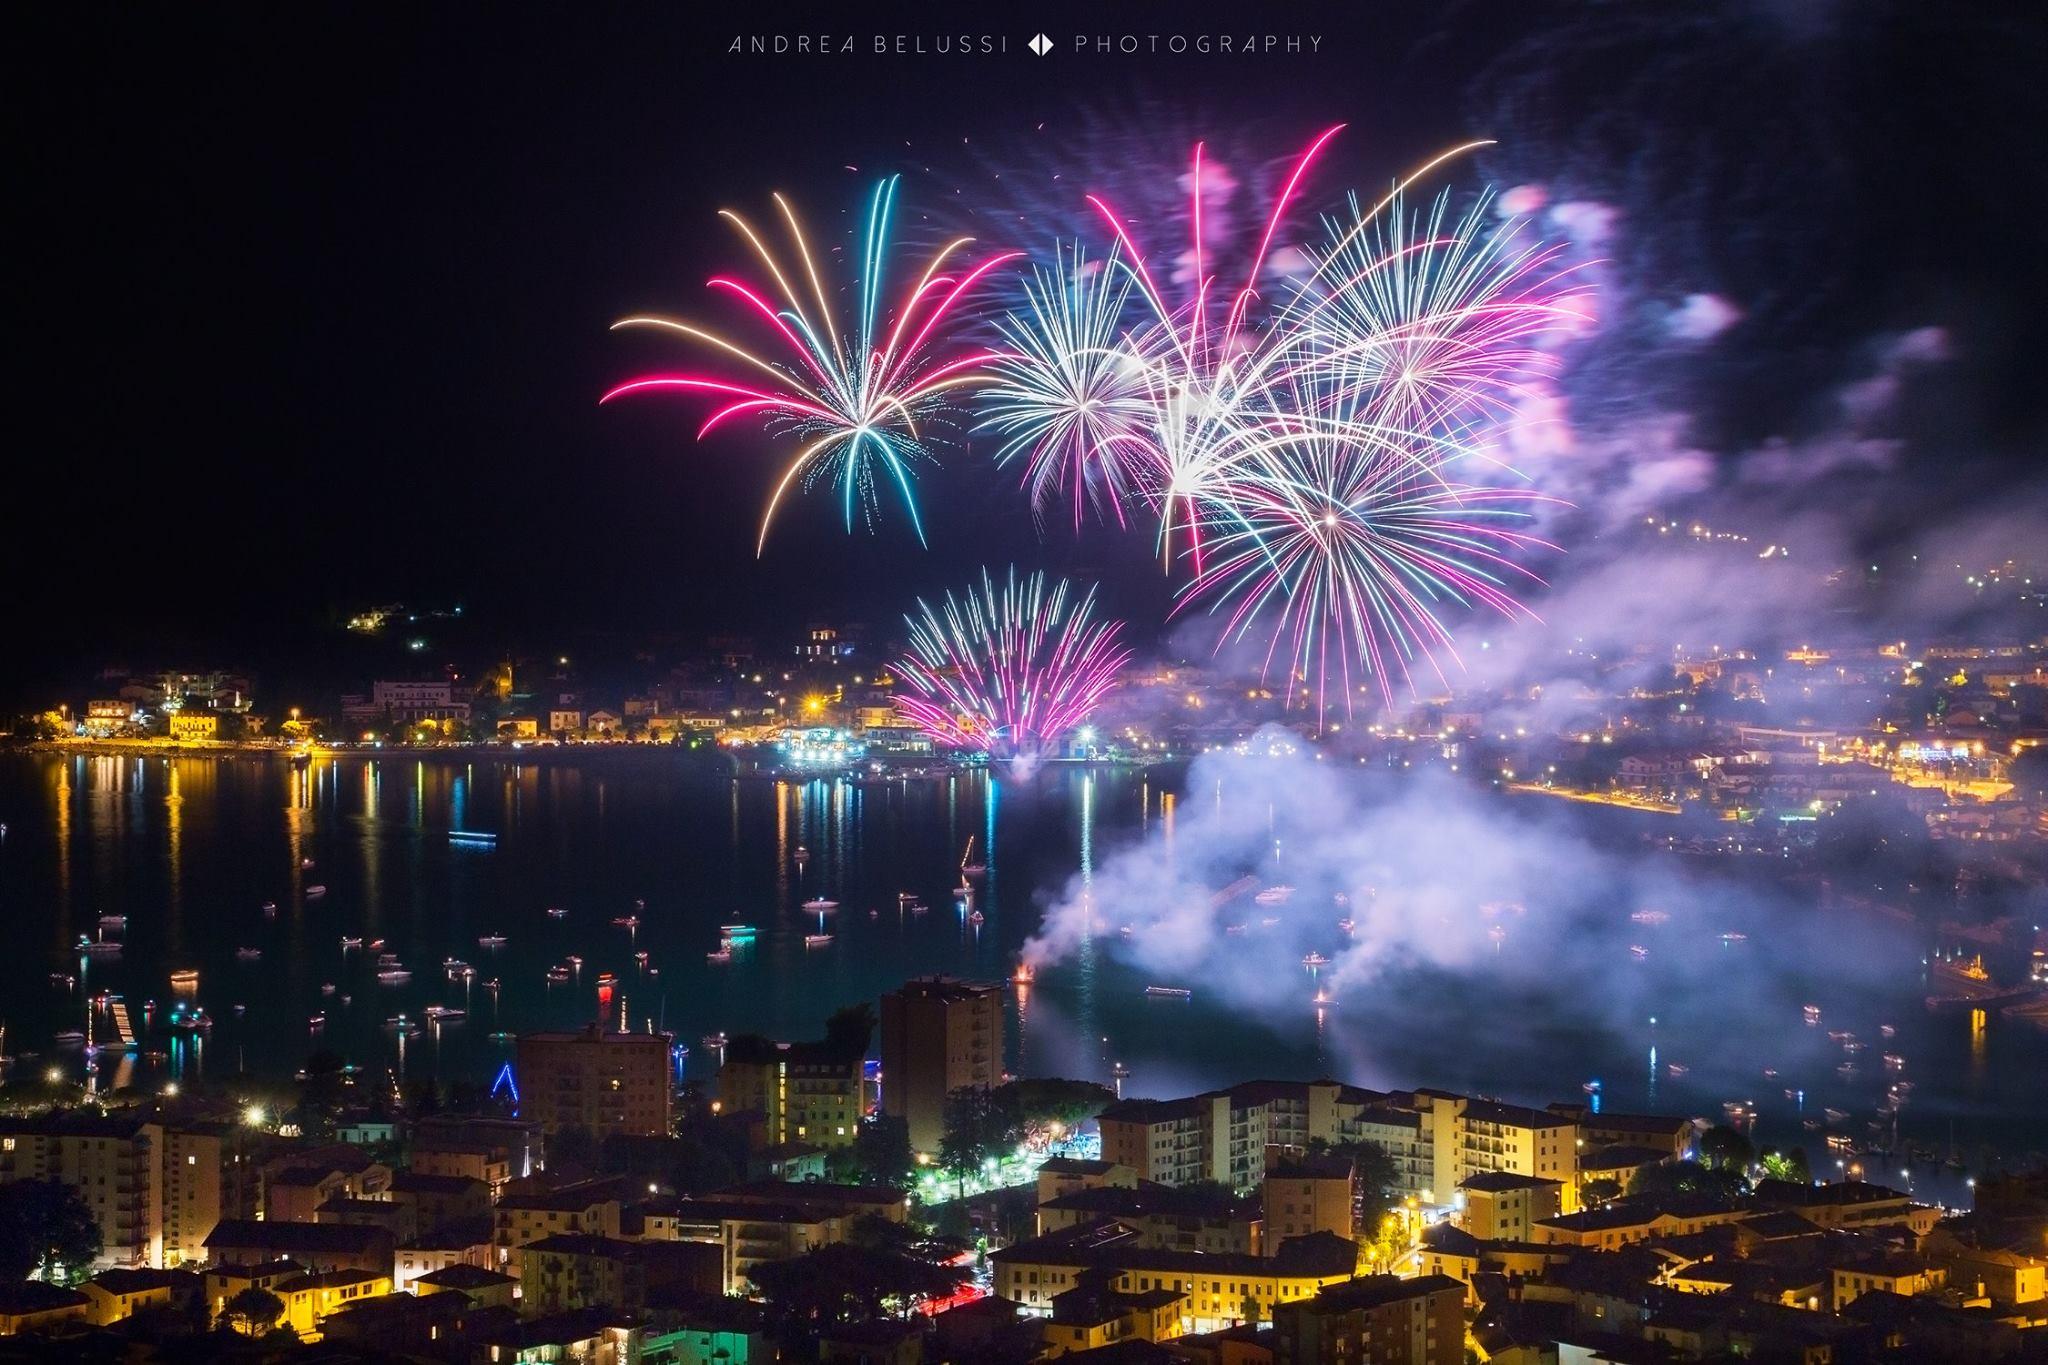 Fotografo di eventi a Bergamo